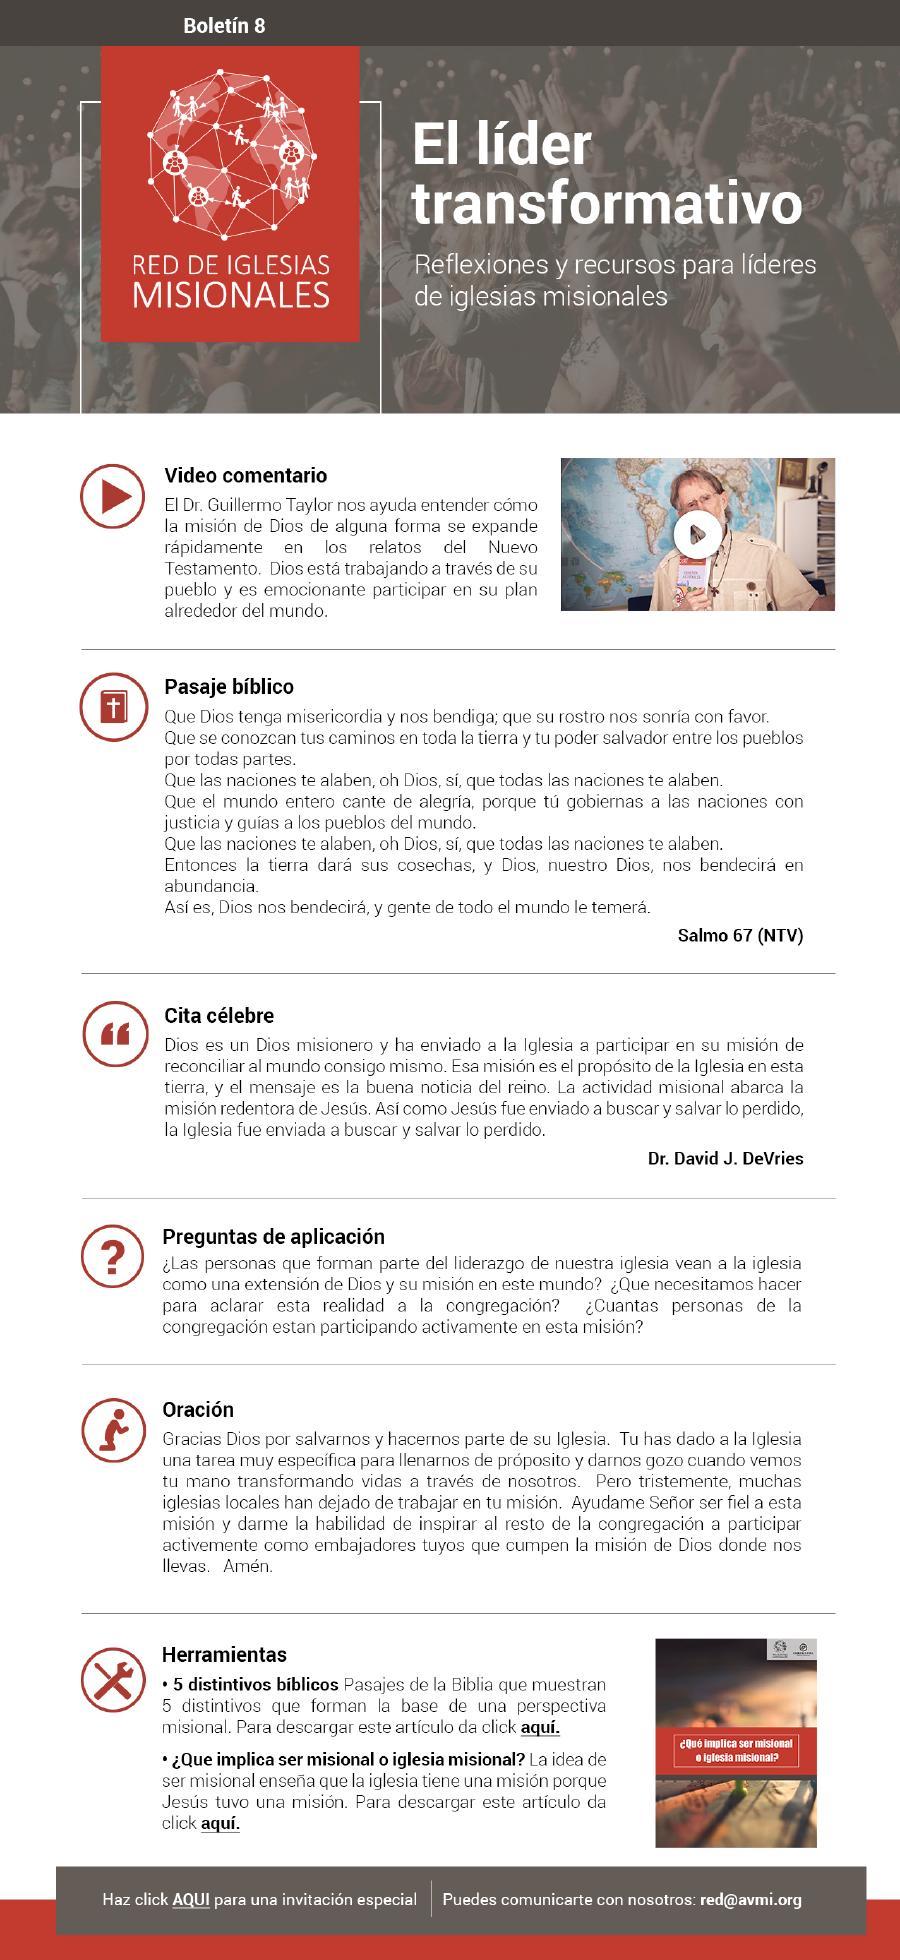 Boleti CC 81n-8-Red-de-Iglesias